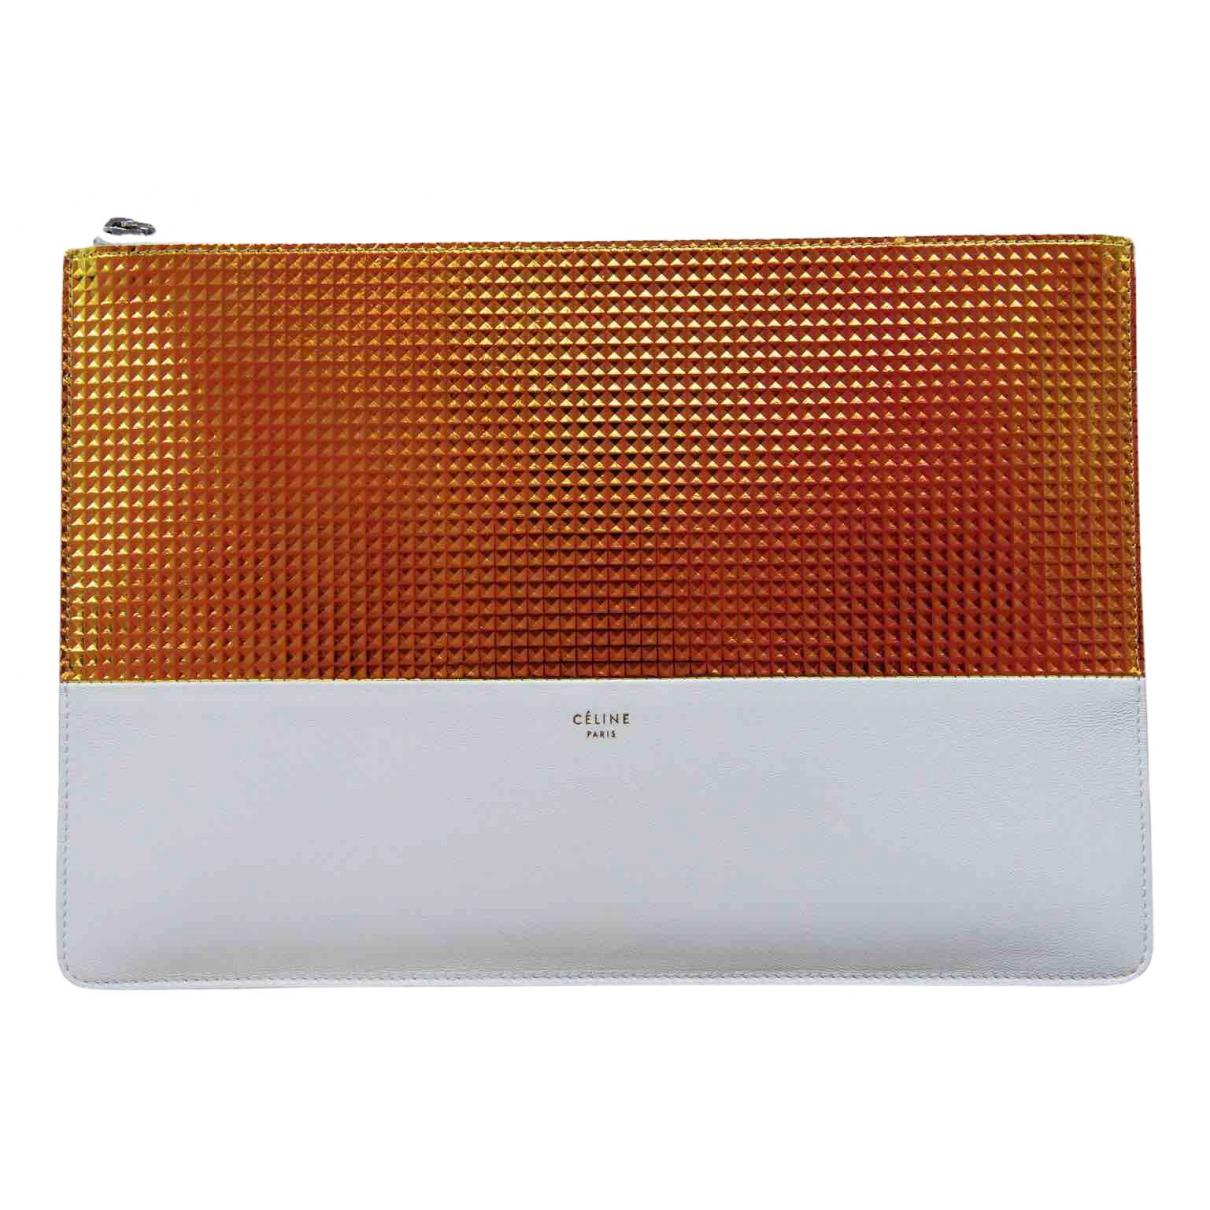 Celine \N Ecru Leather Clutch bag for Women \N